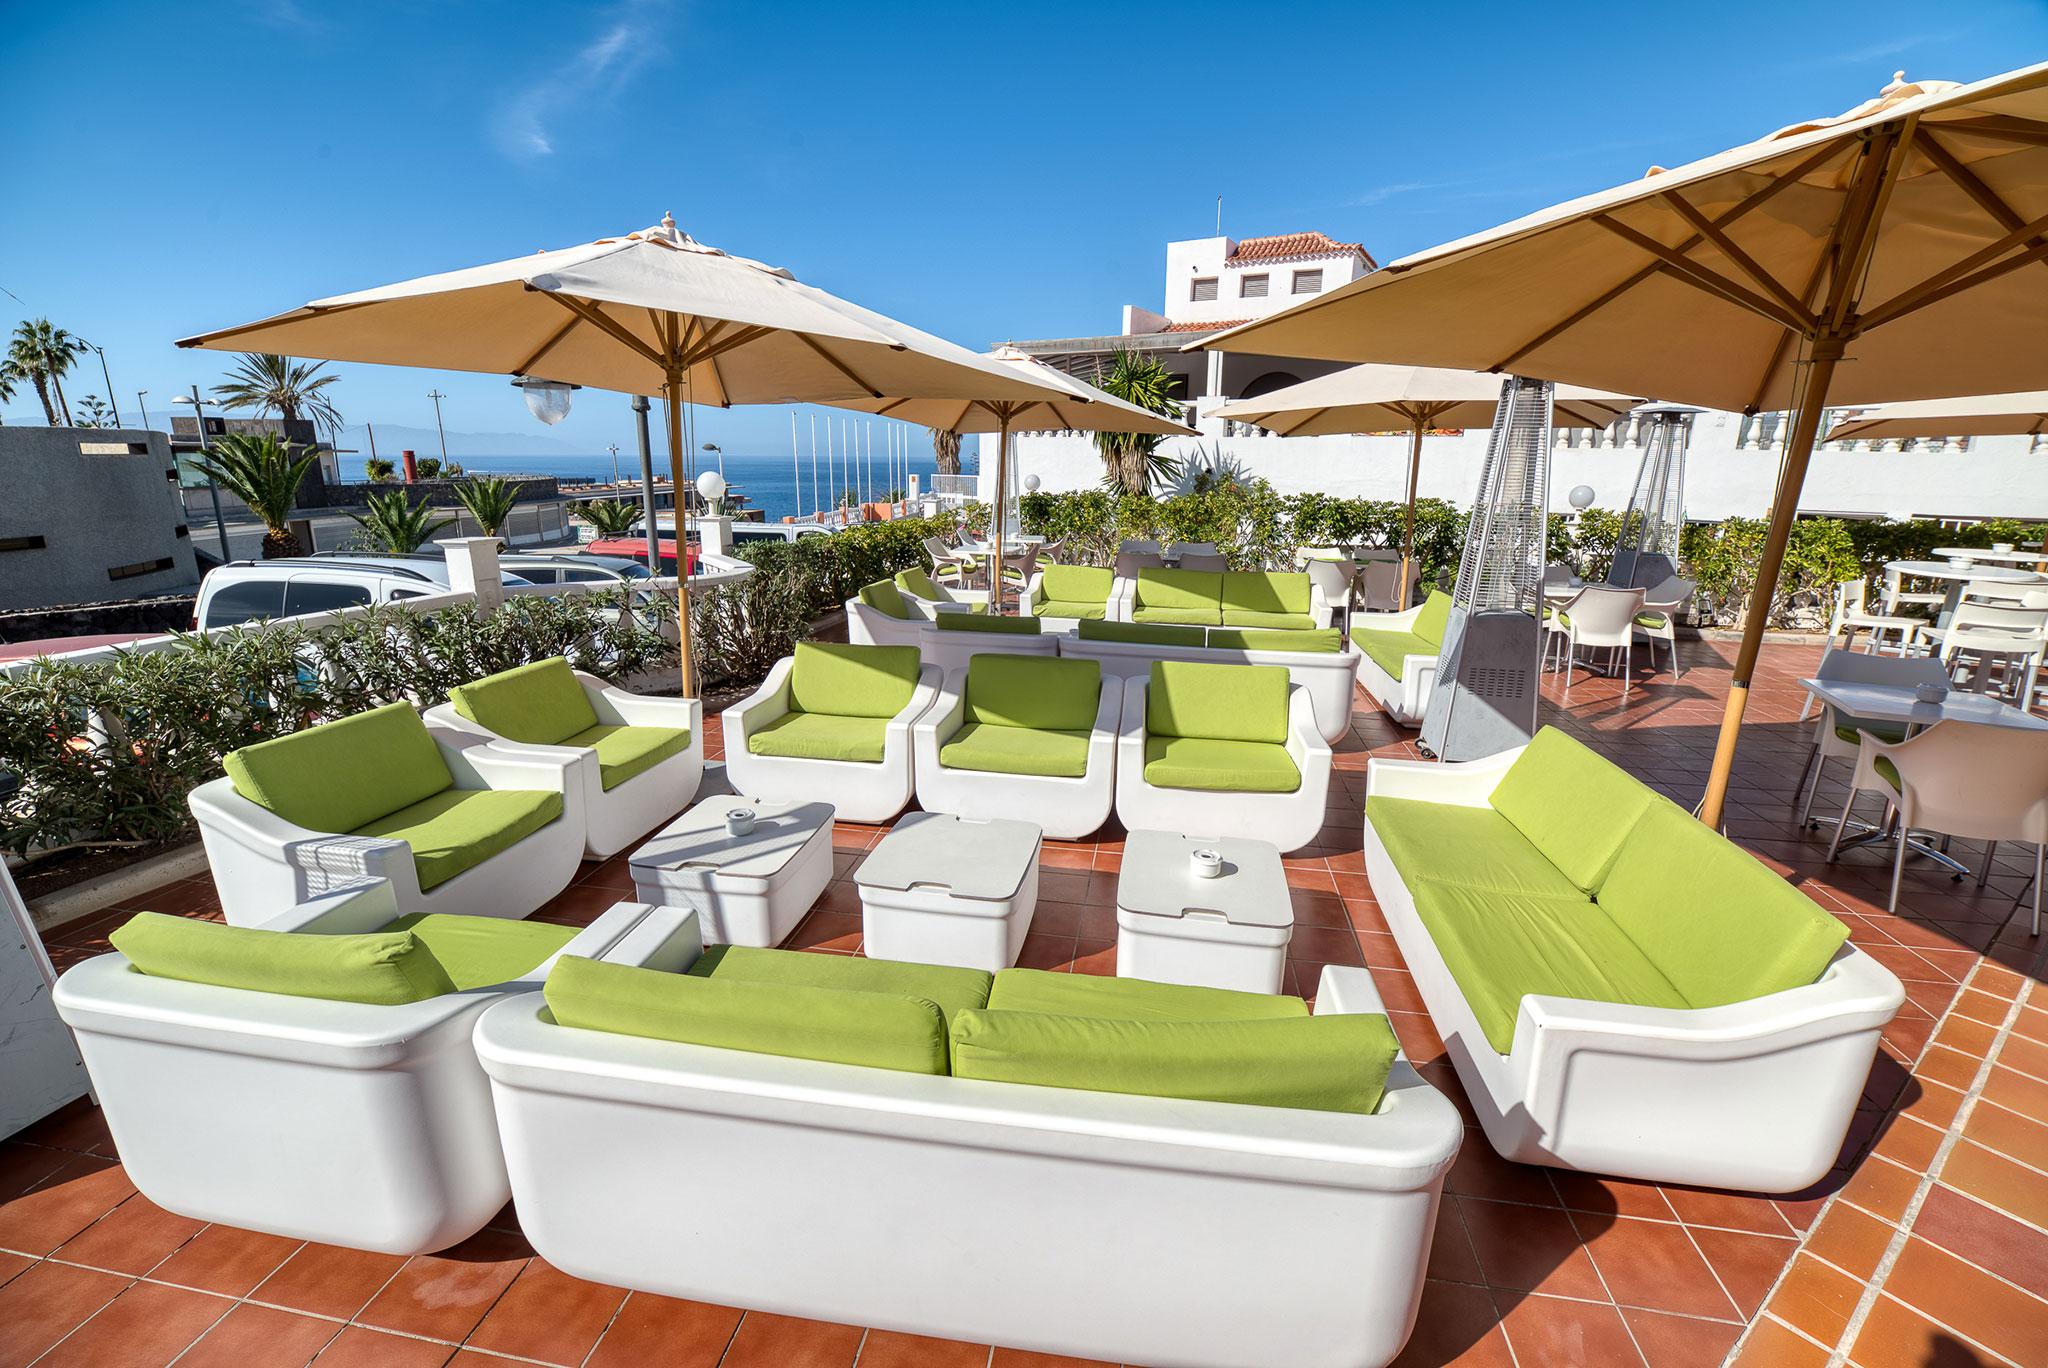 el-marques-pool-terrace